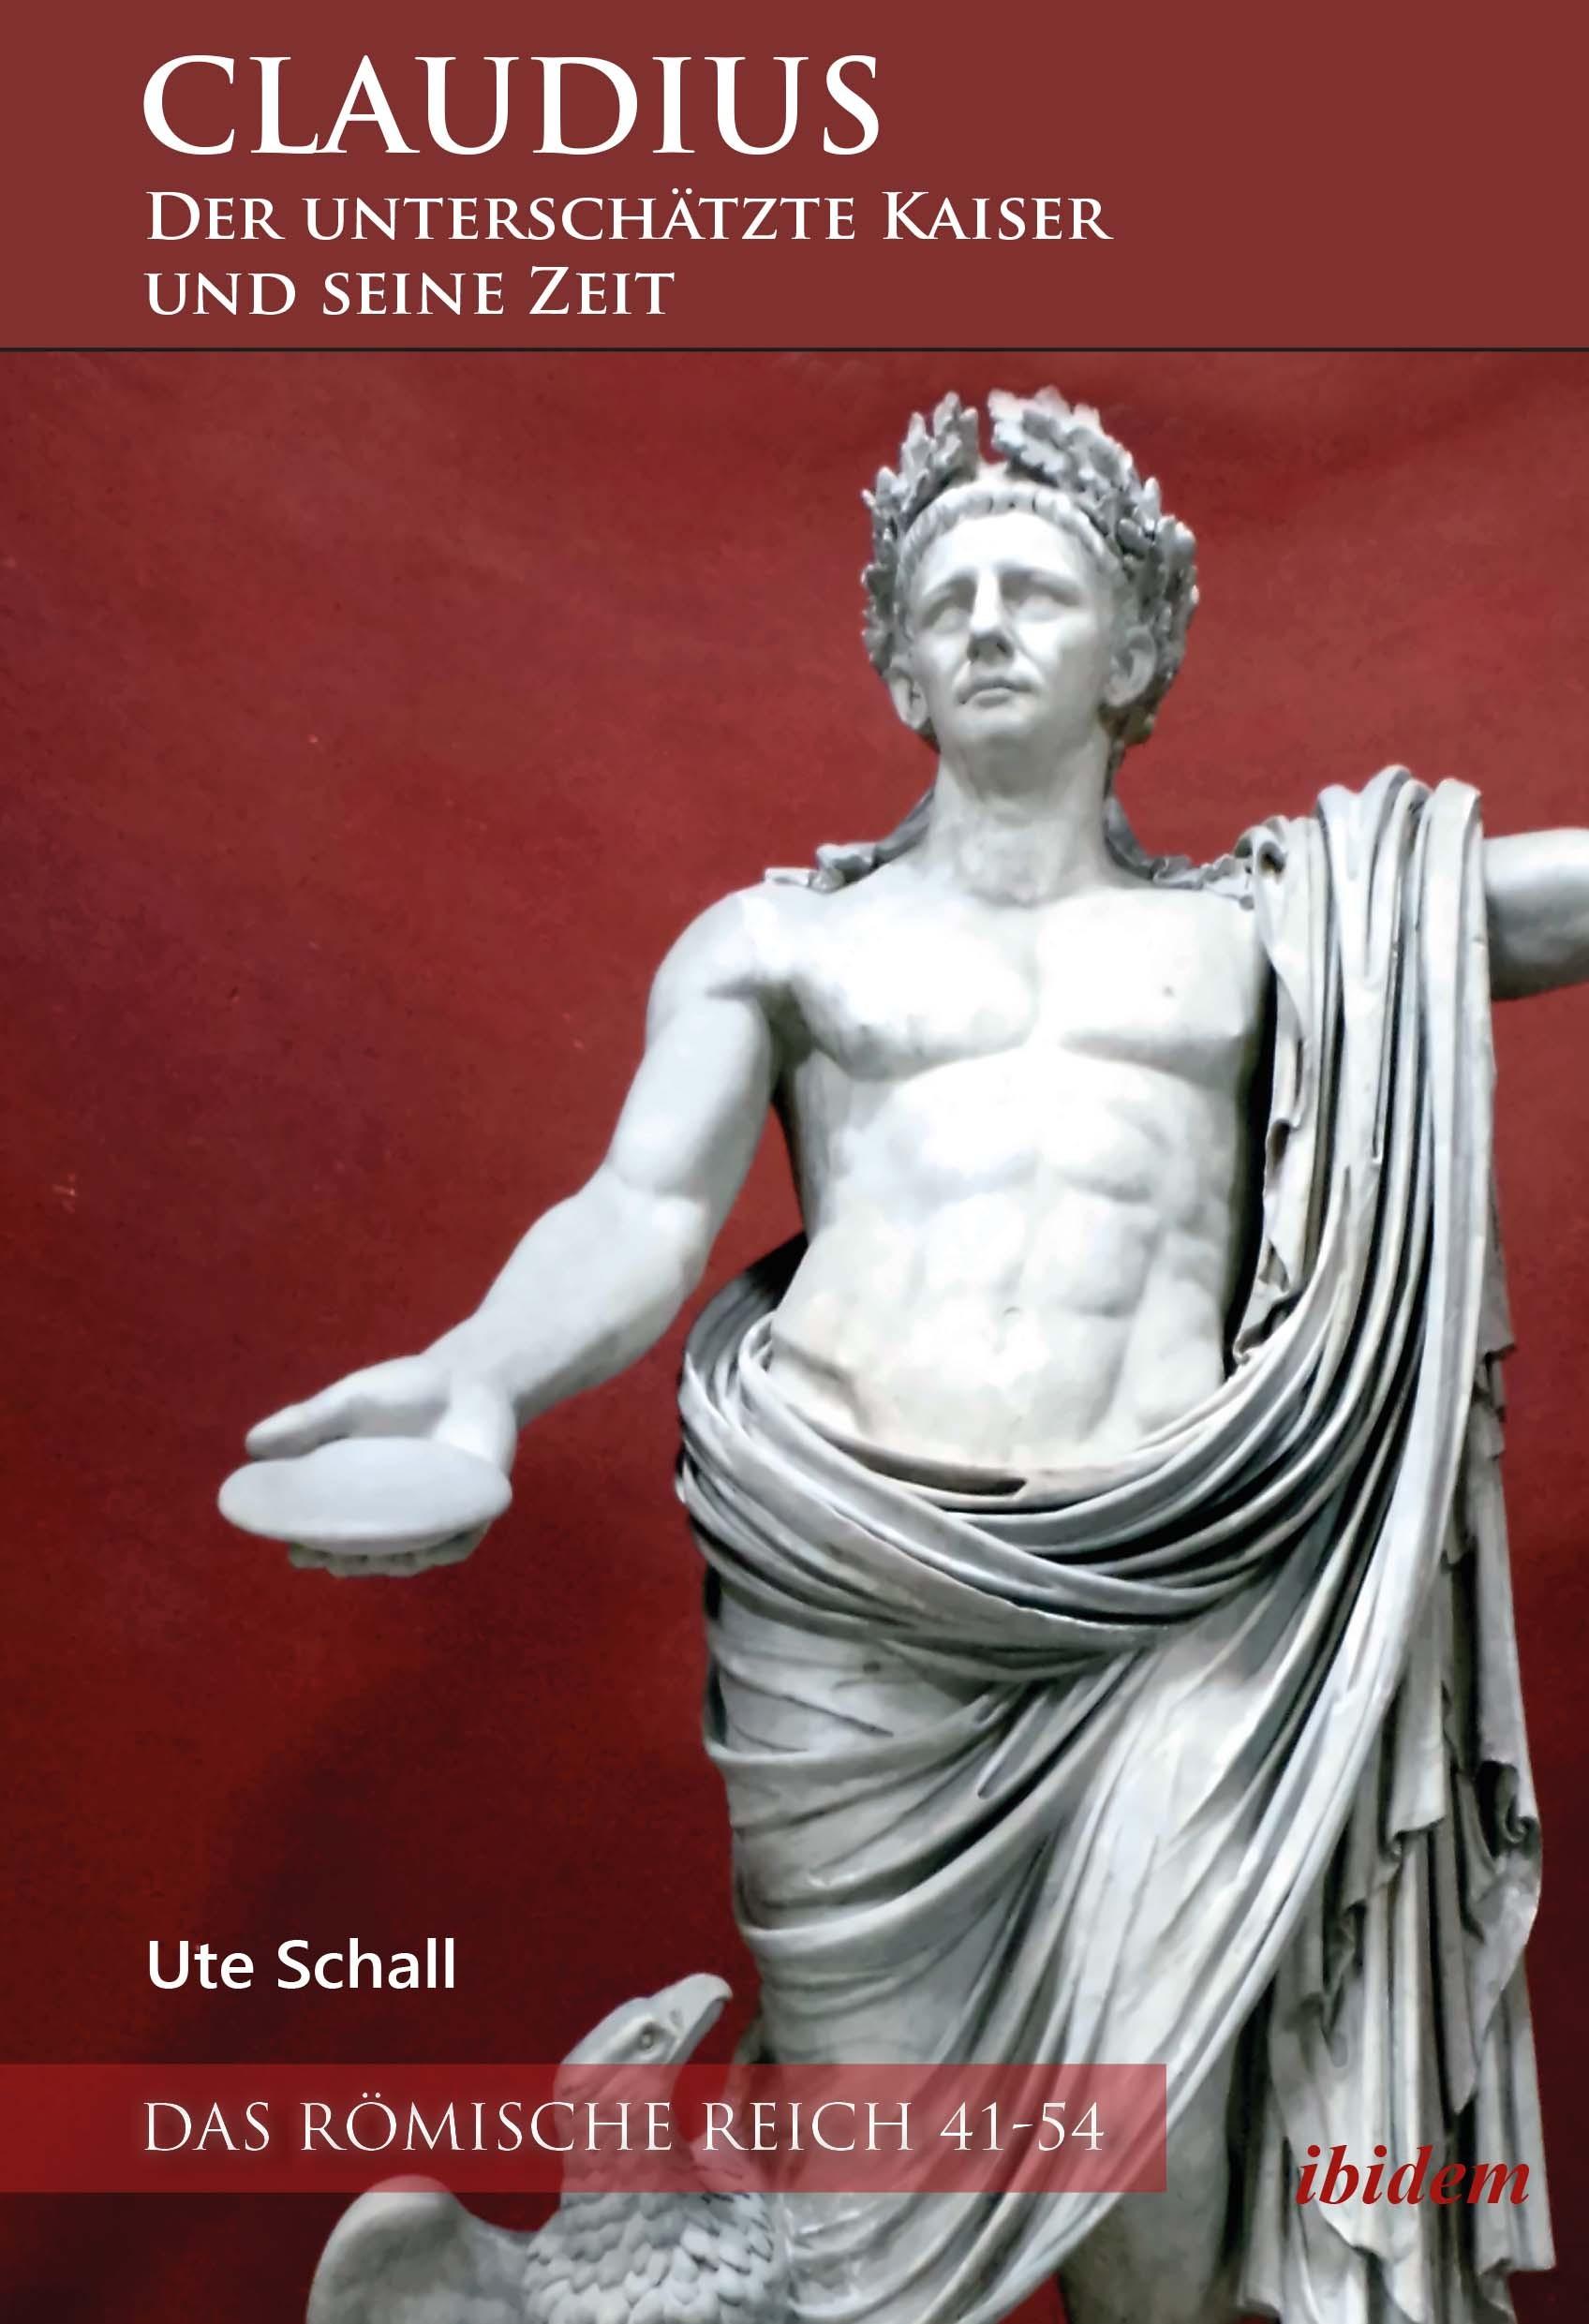 Claudius – der unterschätzte Kaiser und seine Zeit